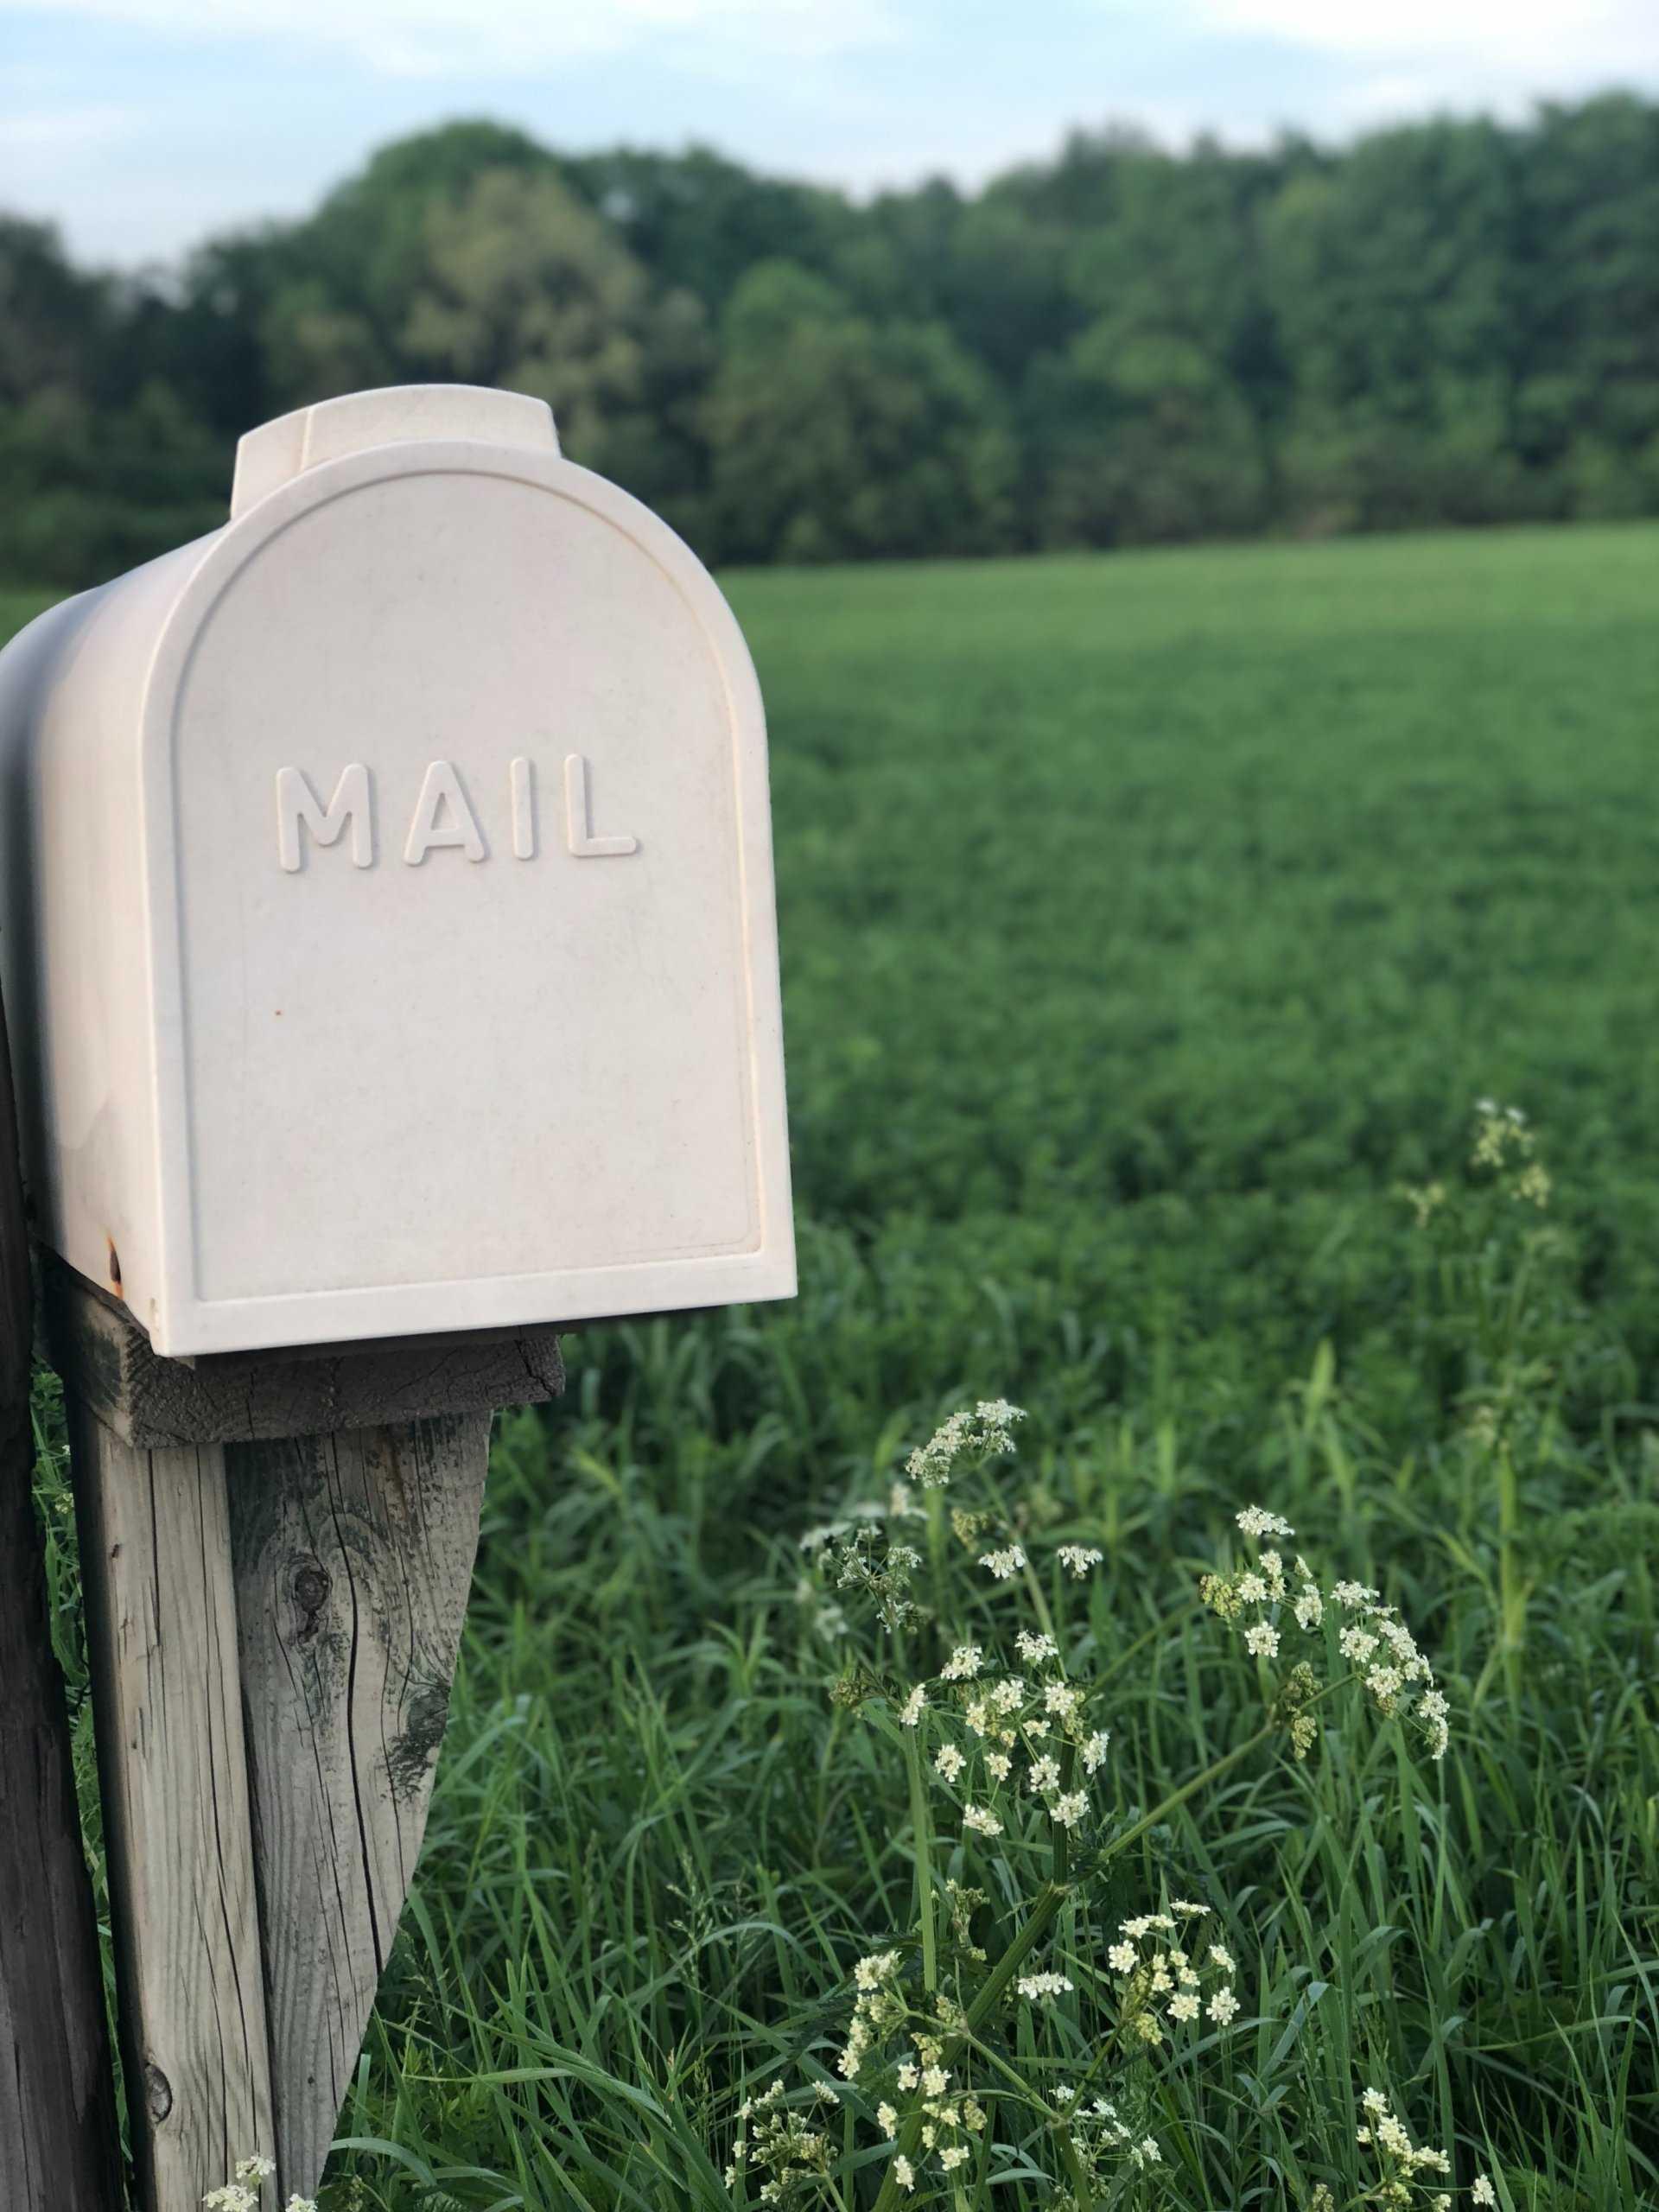 วิธีสมัครหรือสร้างอีเมลฮอตเมล email hotmail ใหม่บนมือถือ 2020/2563